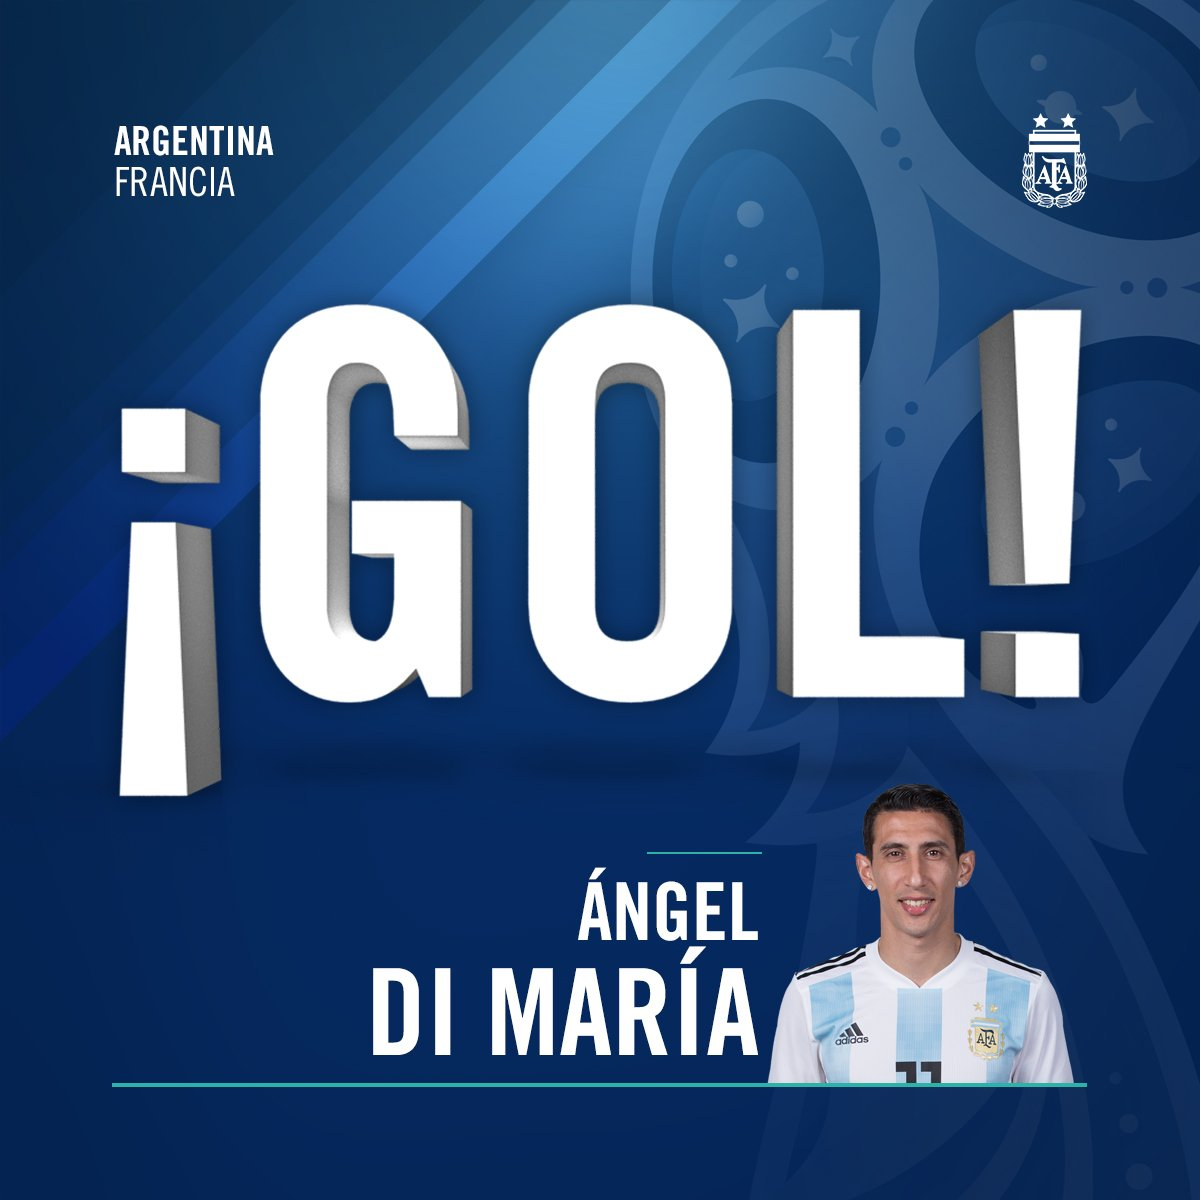 RT @Argentina: #SomosArgentina ¡Gooooooooooooolazooooooo! Ángel Di María iguala para la Selección @Argentina. https://t.co/hUfXMPldJz